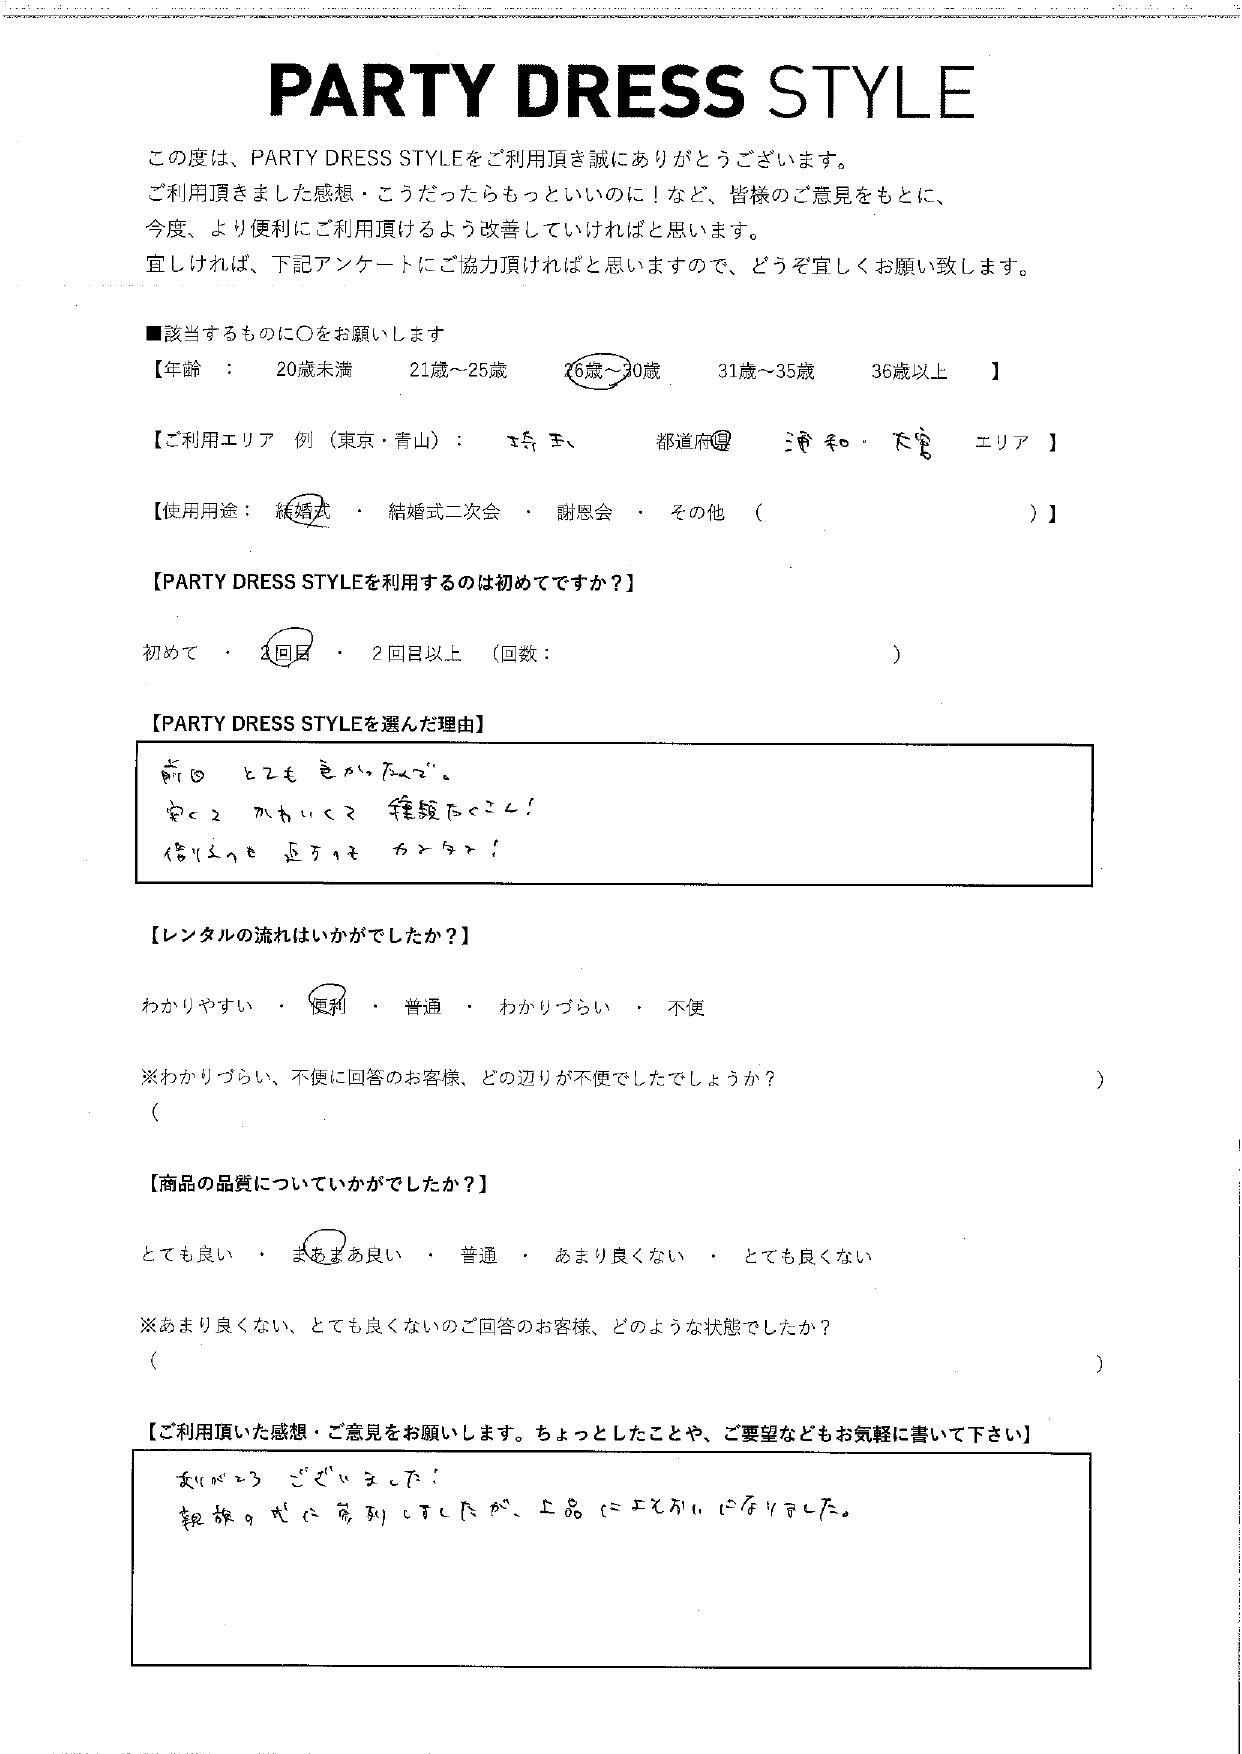 8/21結婚式ご利用 埼玉・浦和、大宮エリア